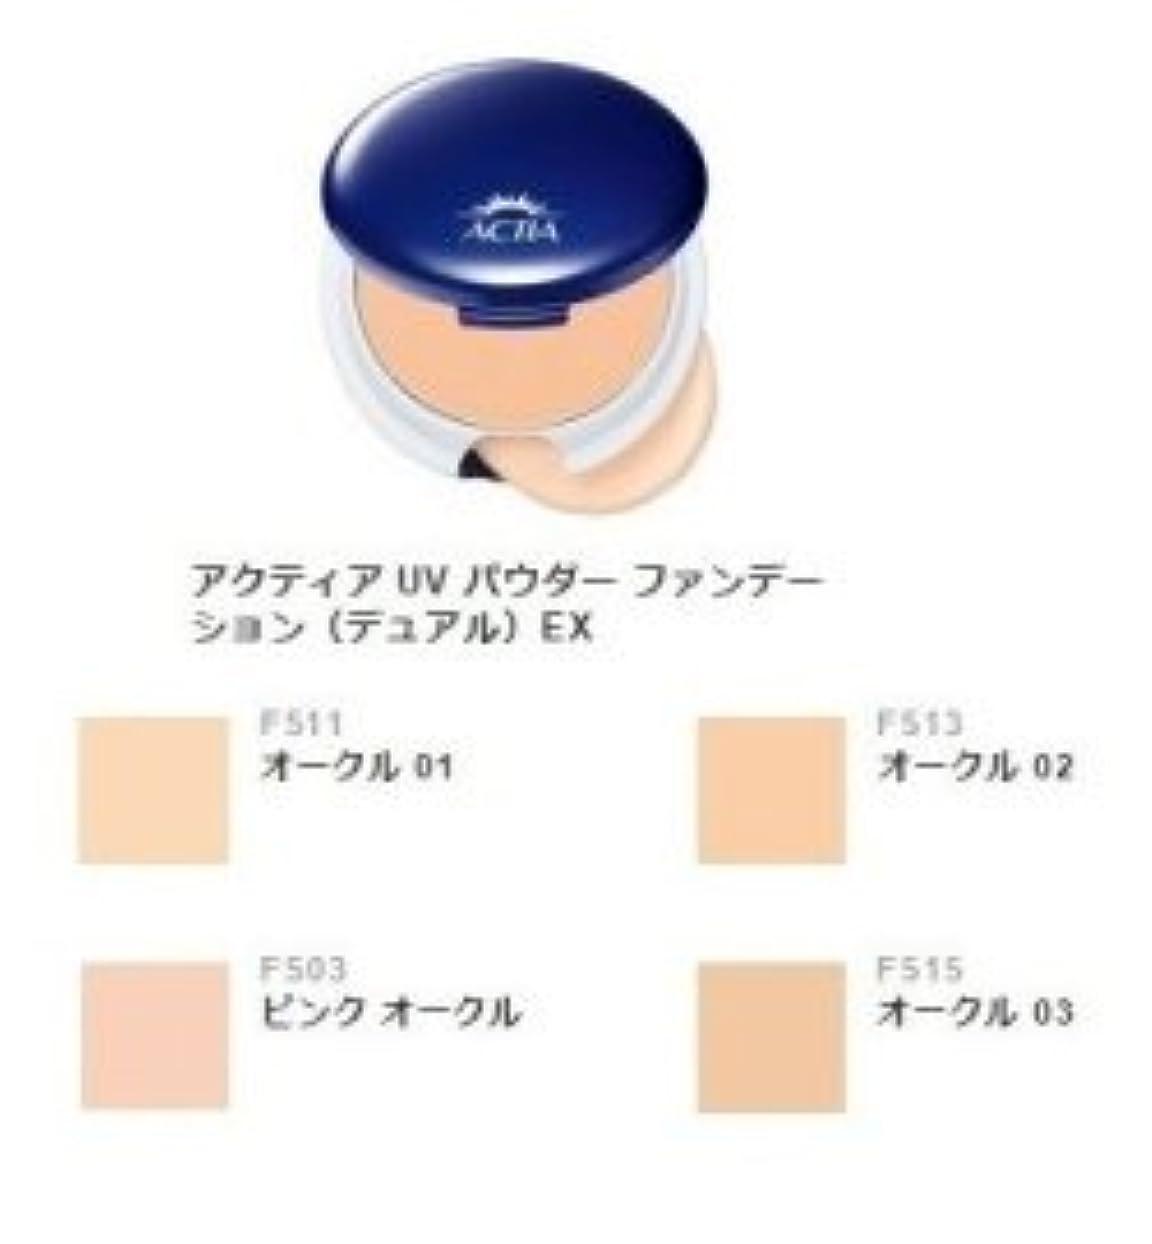 高架温度計骨エイボン(AVON) アクティア UV パウダーファンデーション(デュアル)EX(リフィル) F511 オークル01